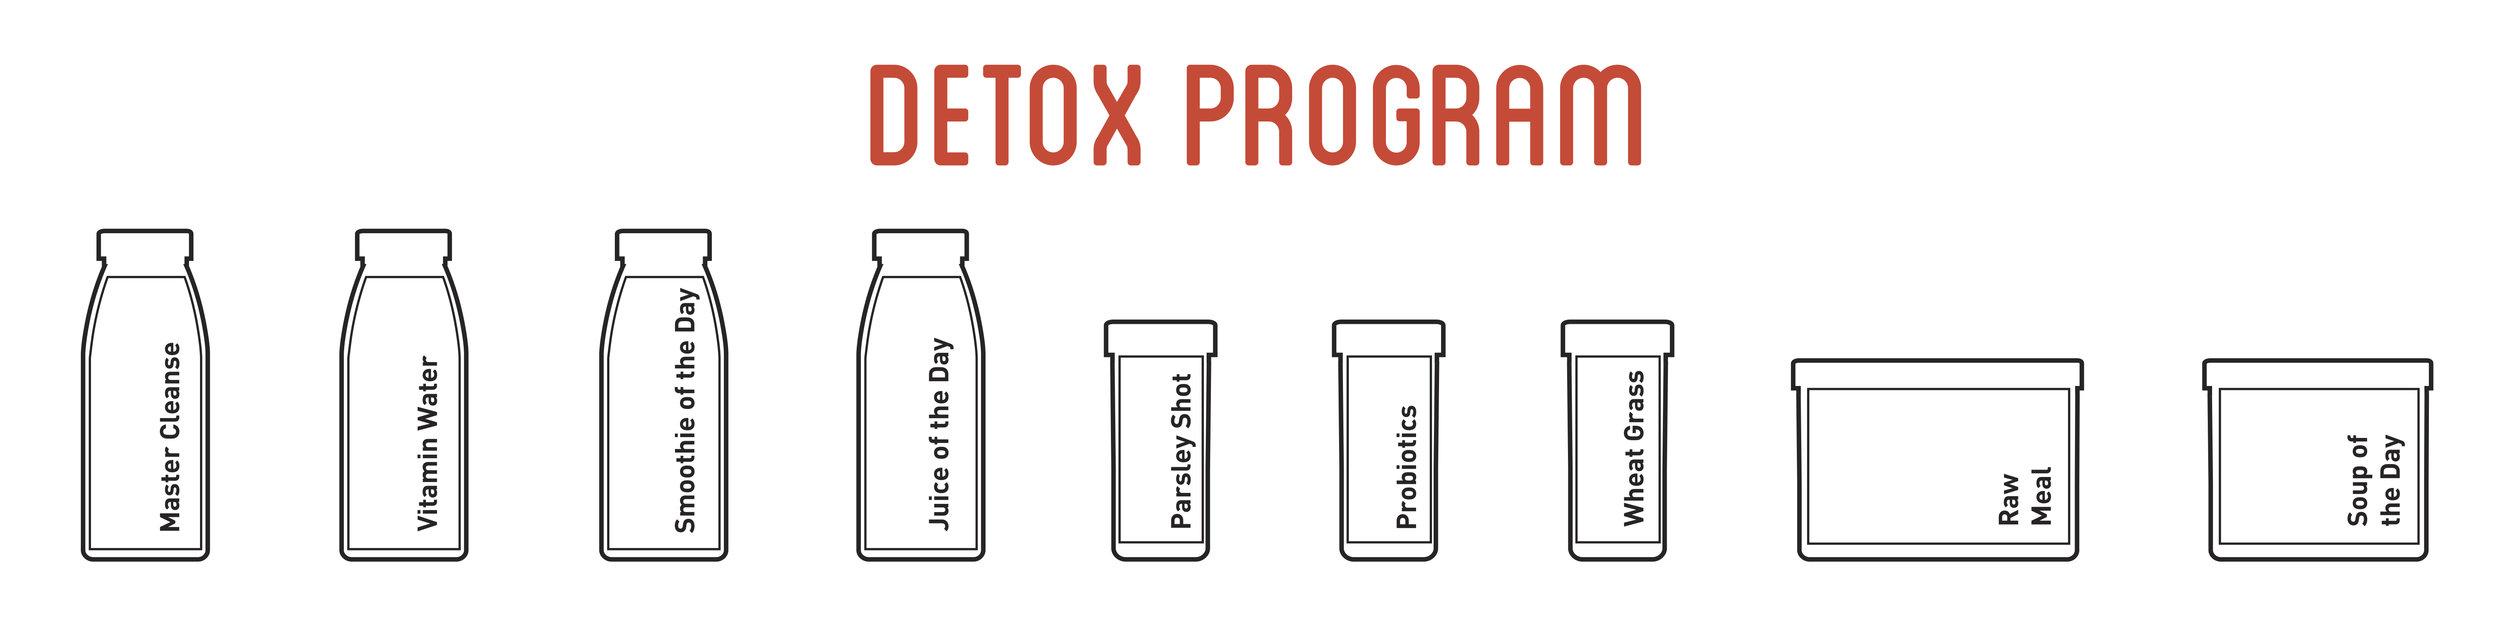 Detox Program.jpg